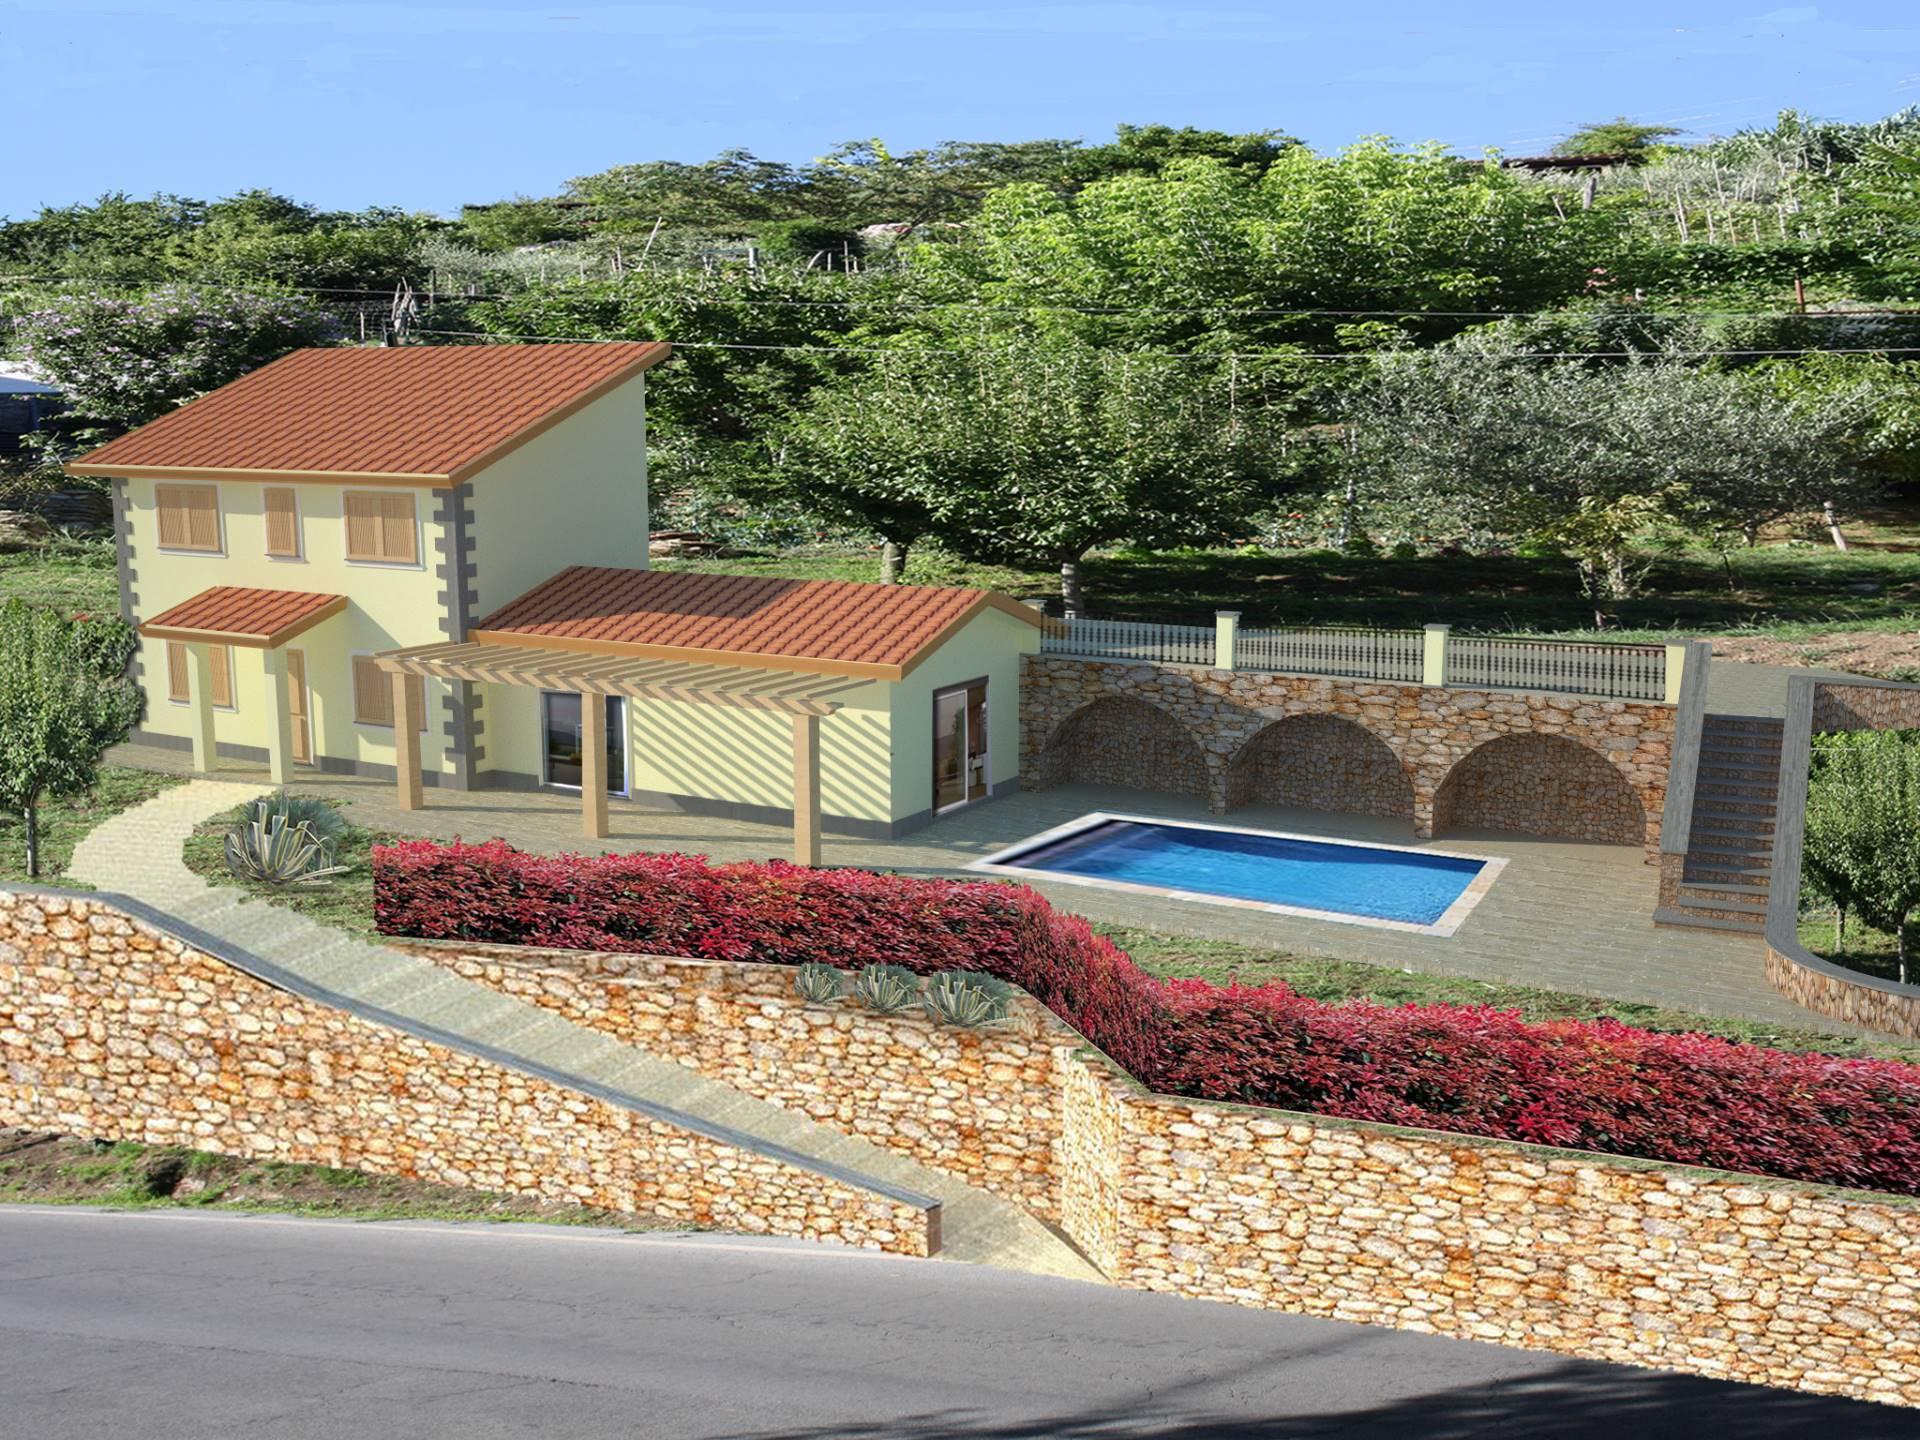 Rustico / Casale in vendita a Pietrasanta, 6 locali, zona Zona: Strettoia, prezzo € 200.000 | Cambio Casa.it